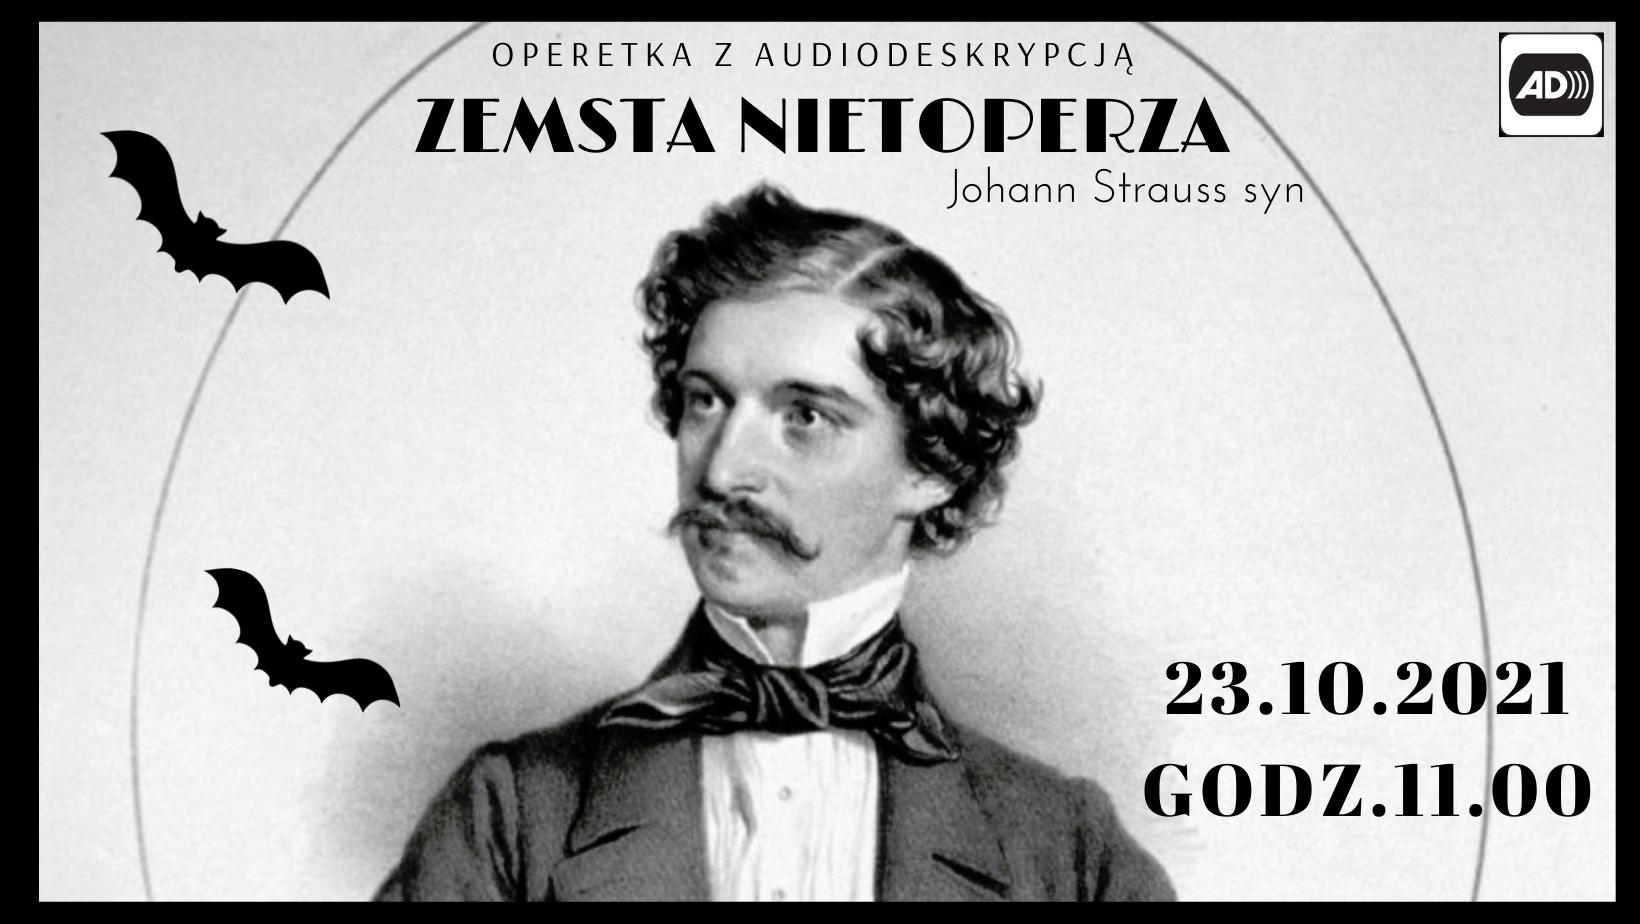 """""""Zemsta nietoperza"""" operetka z audiodeskrypcją"""